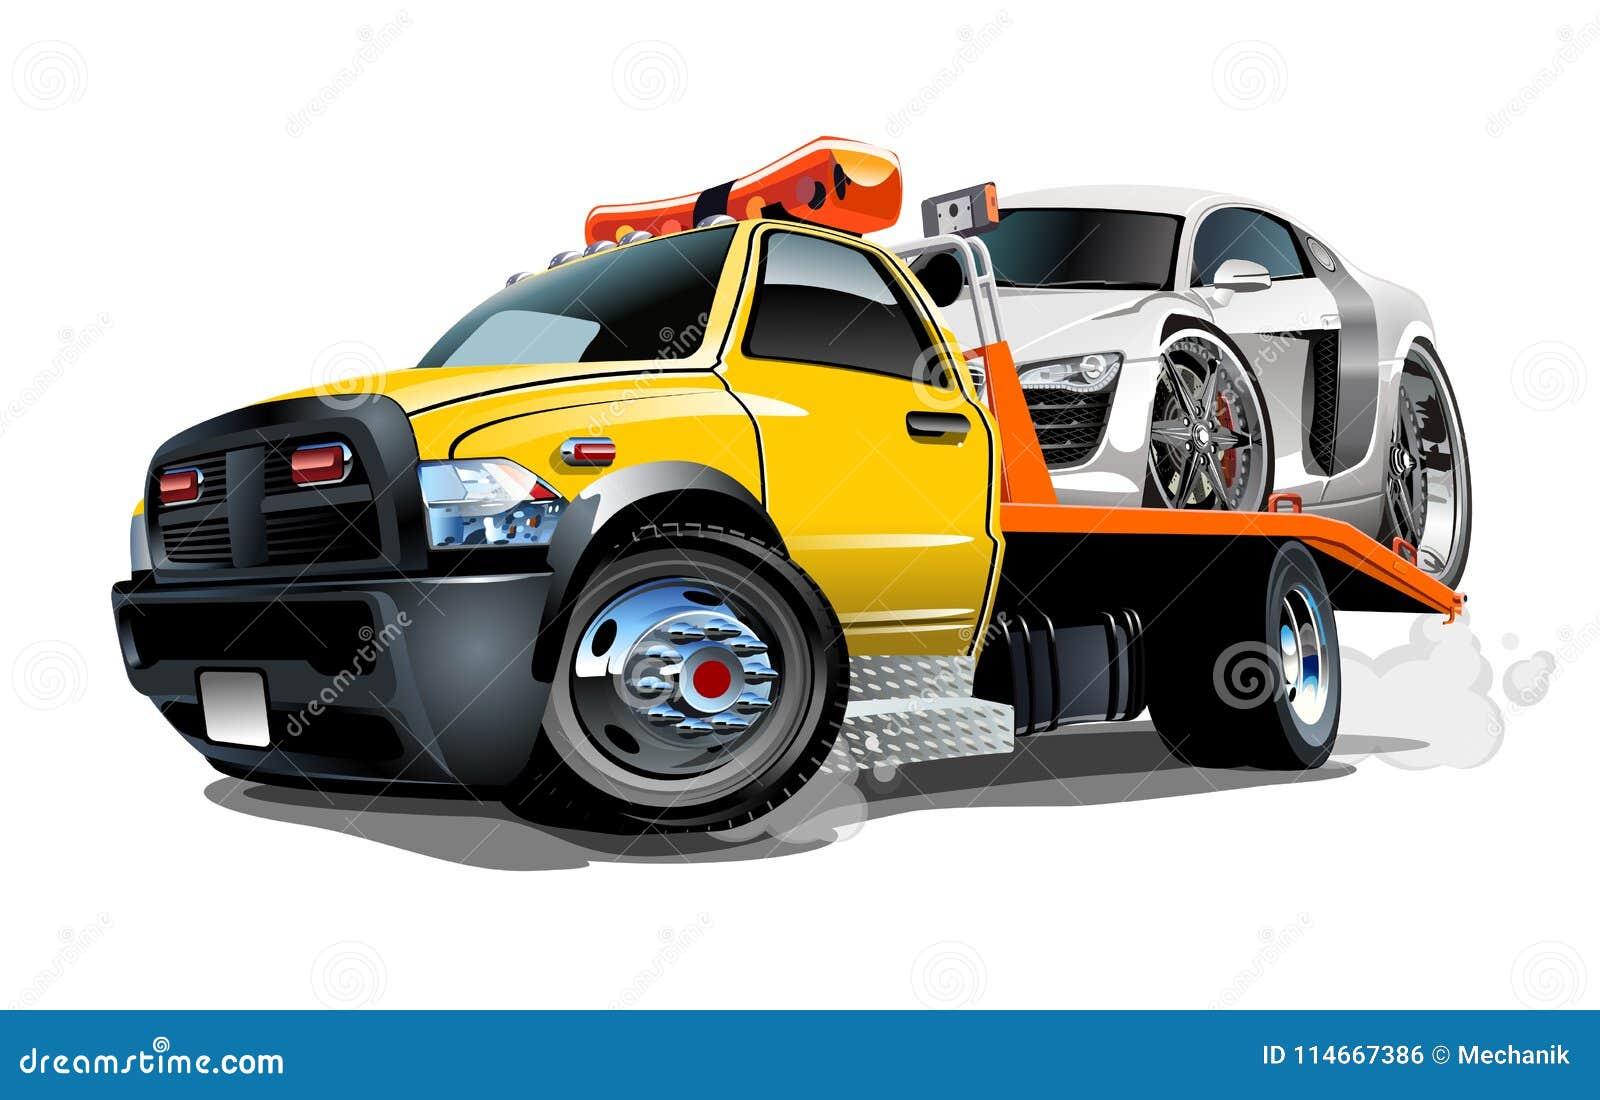 Caminhão de reboque dos desenhos animados isolado no fundo branco